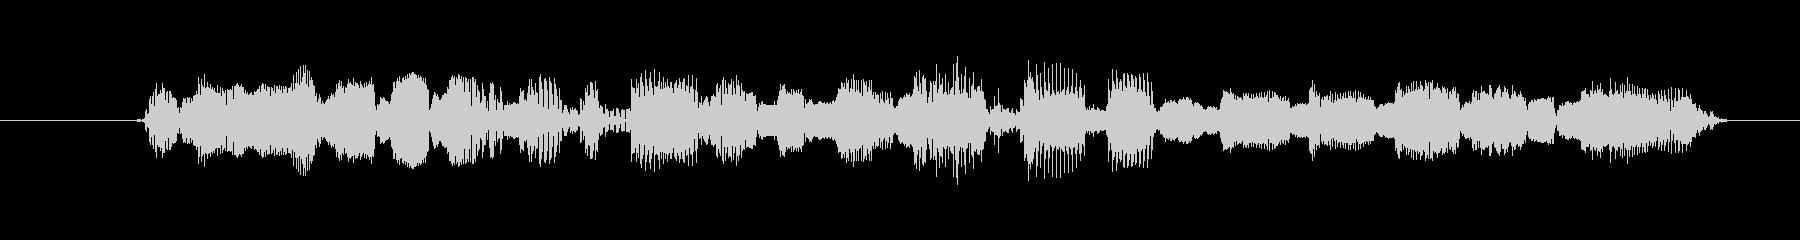 鳴き声 リップスマッキングチャイル...の未再生の波形